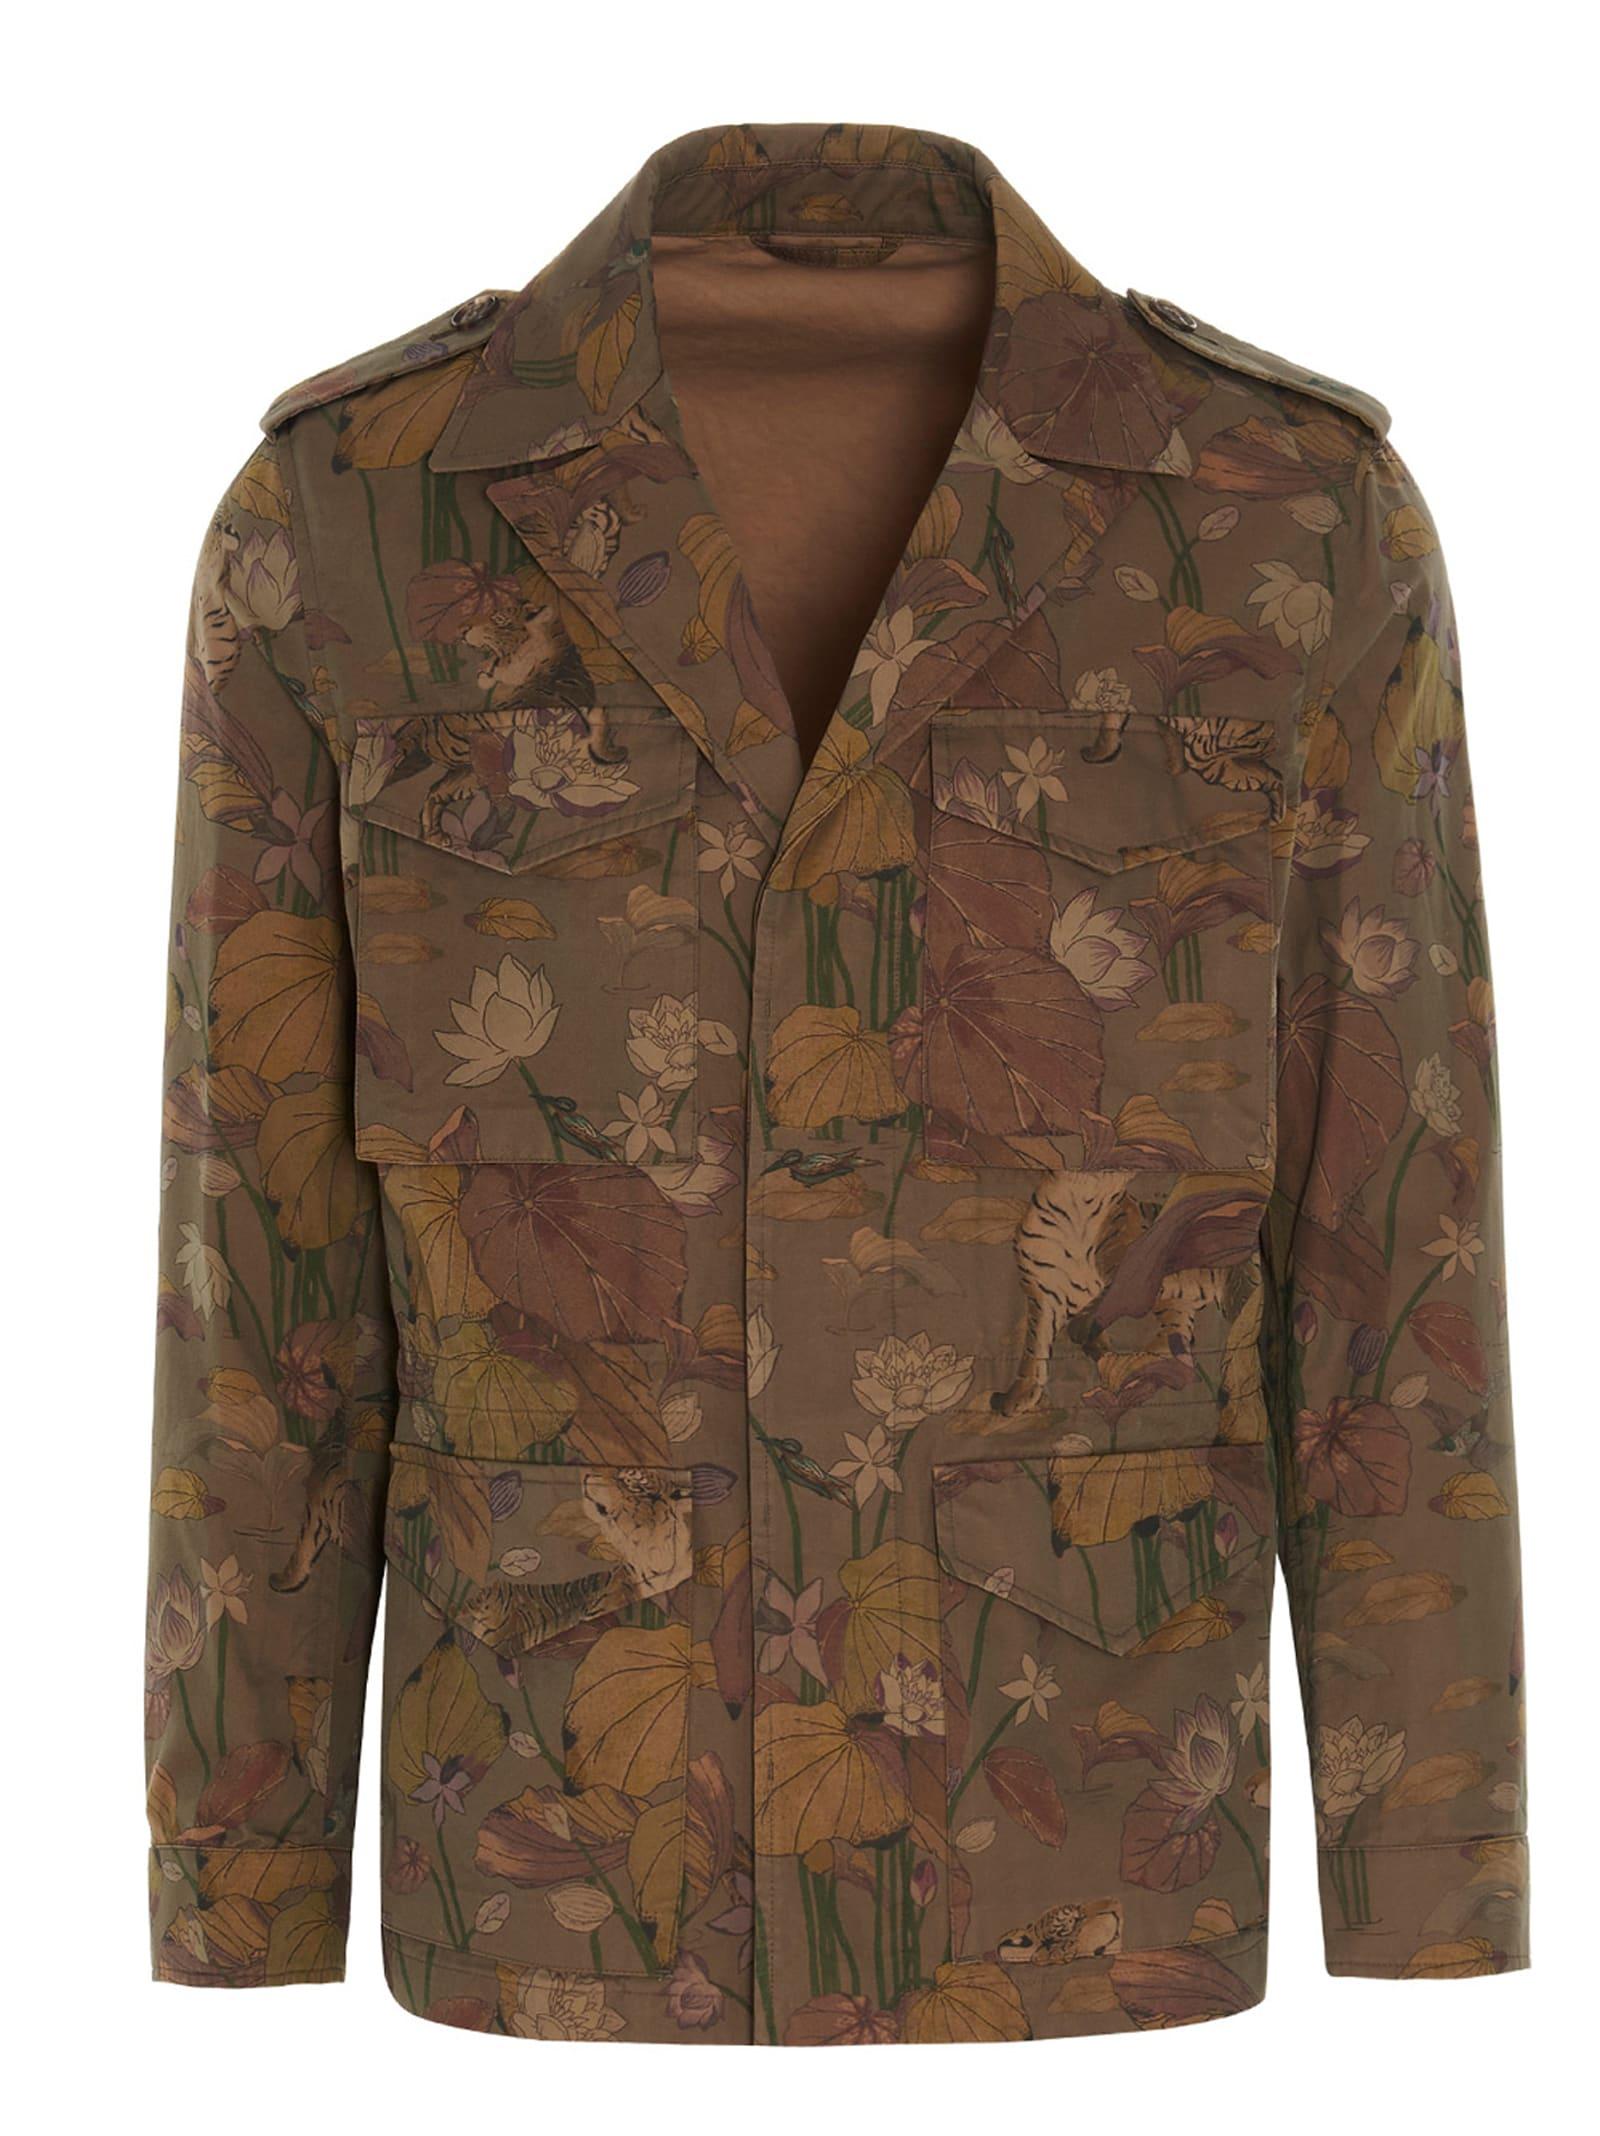 Etro jungle Jacket